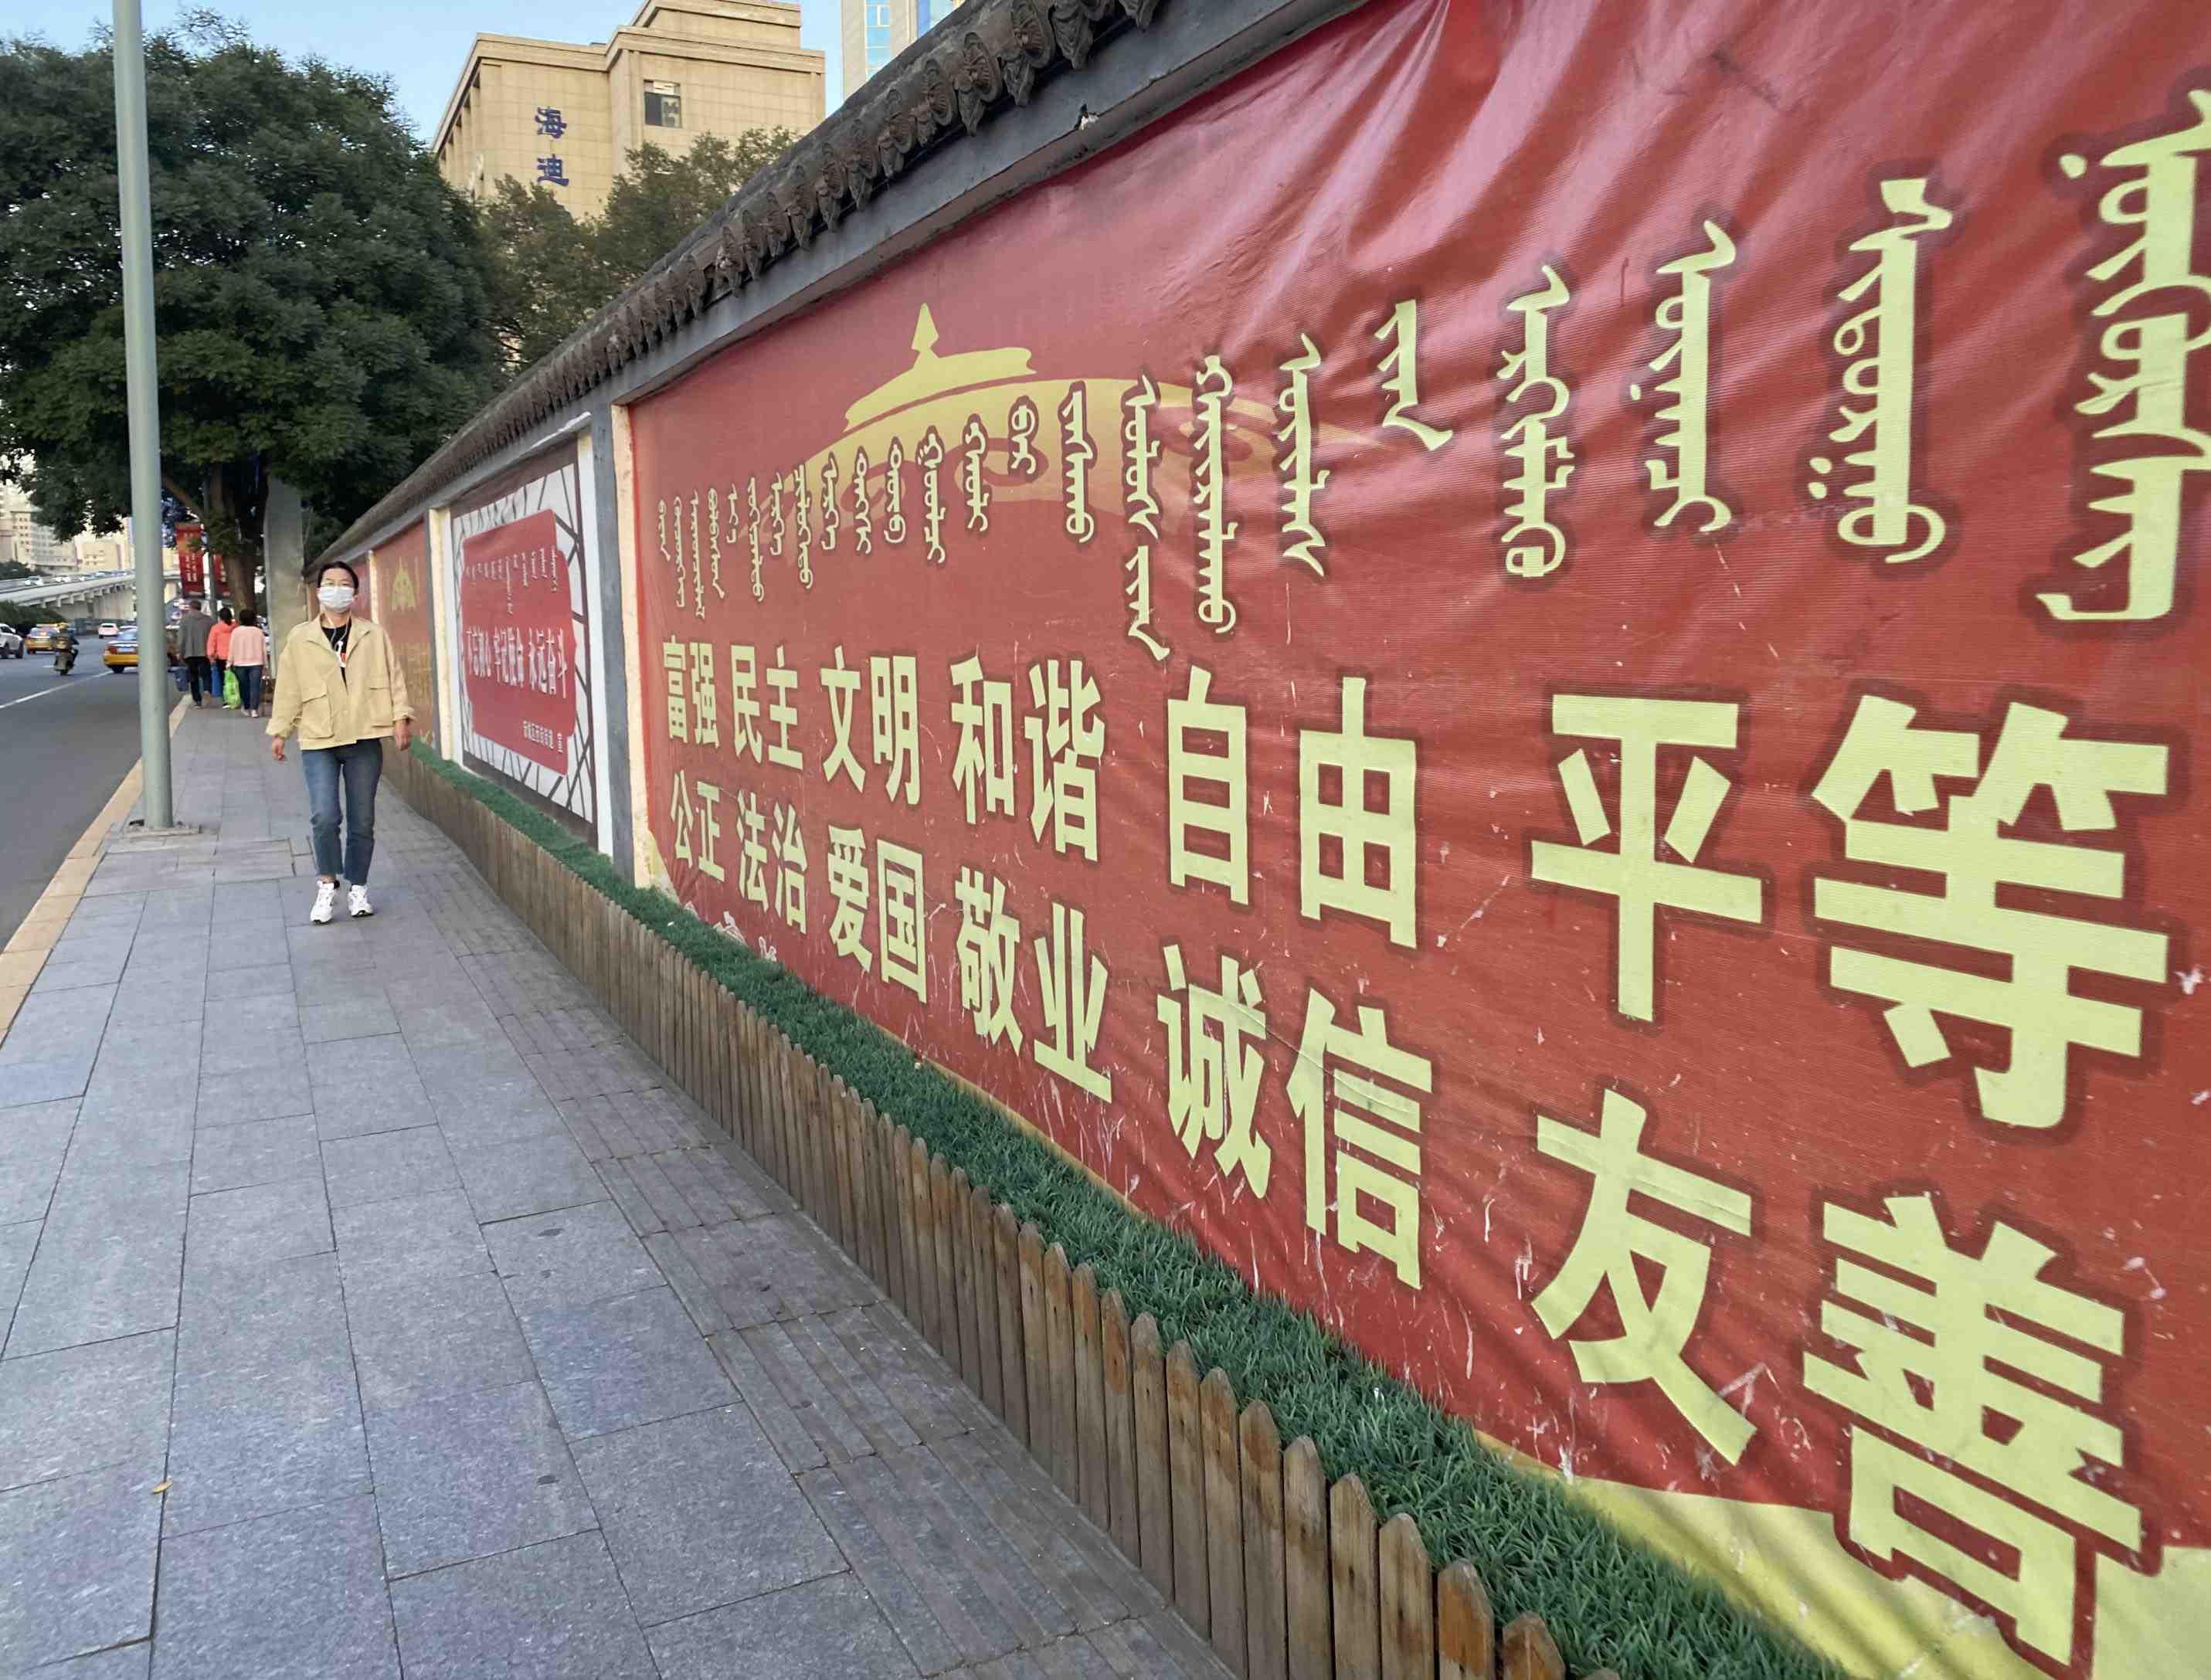 Mongolia China human rights 007